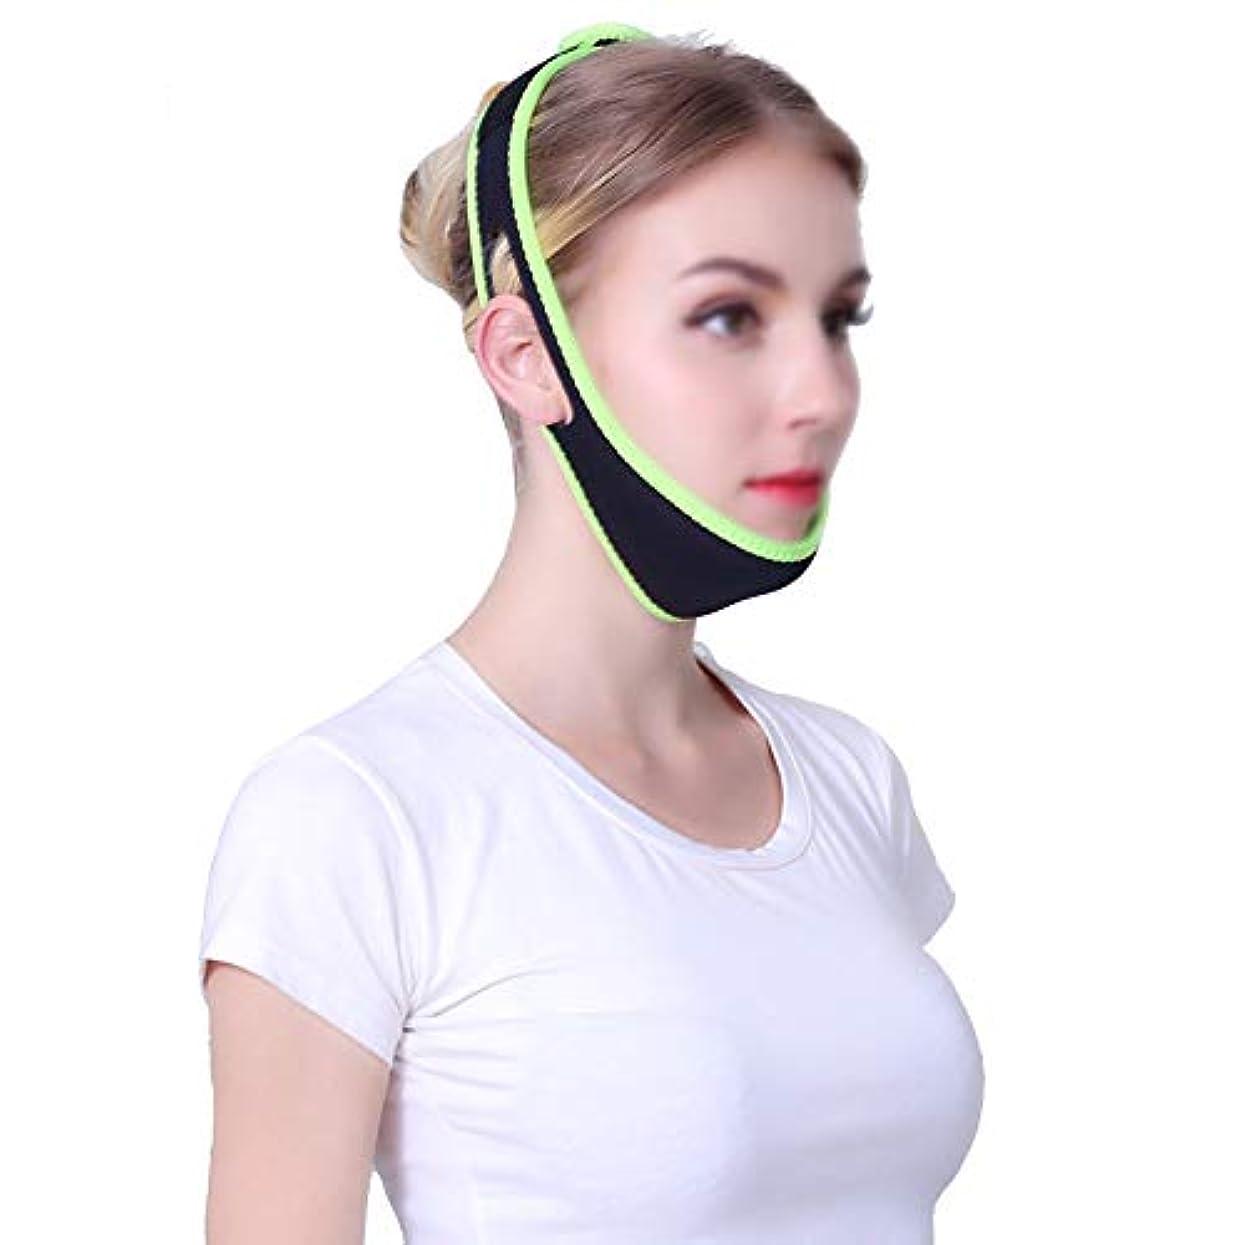 パイル嫌がらせパスポートGLJJQMY 引き締めフェイスマスク小型Vフェイスアーティファクト睡眠薄いフェイス包帯マスクリフティングマスク引き締めクリームフェイスリフティングフェイス楽器 顔用整形マスク